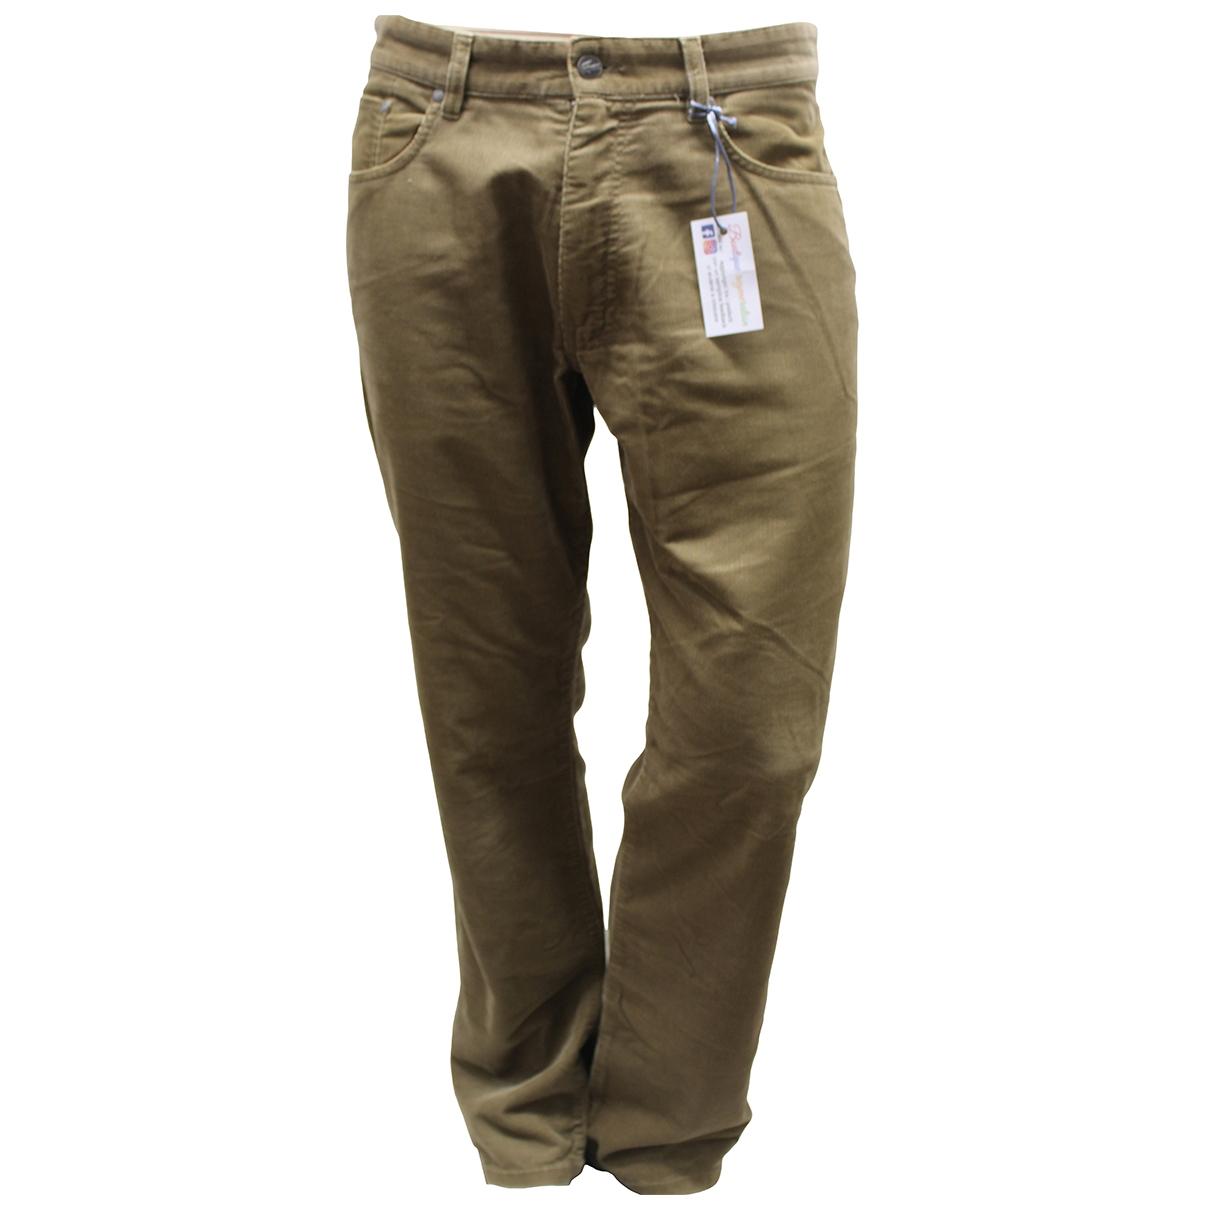 Pantalones en Algodon Lacoste